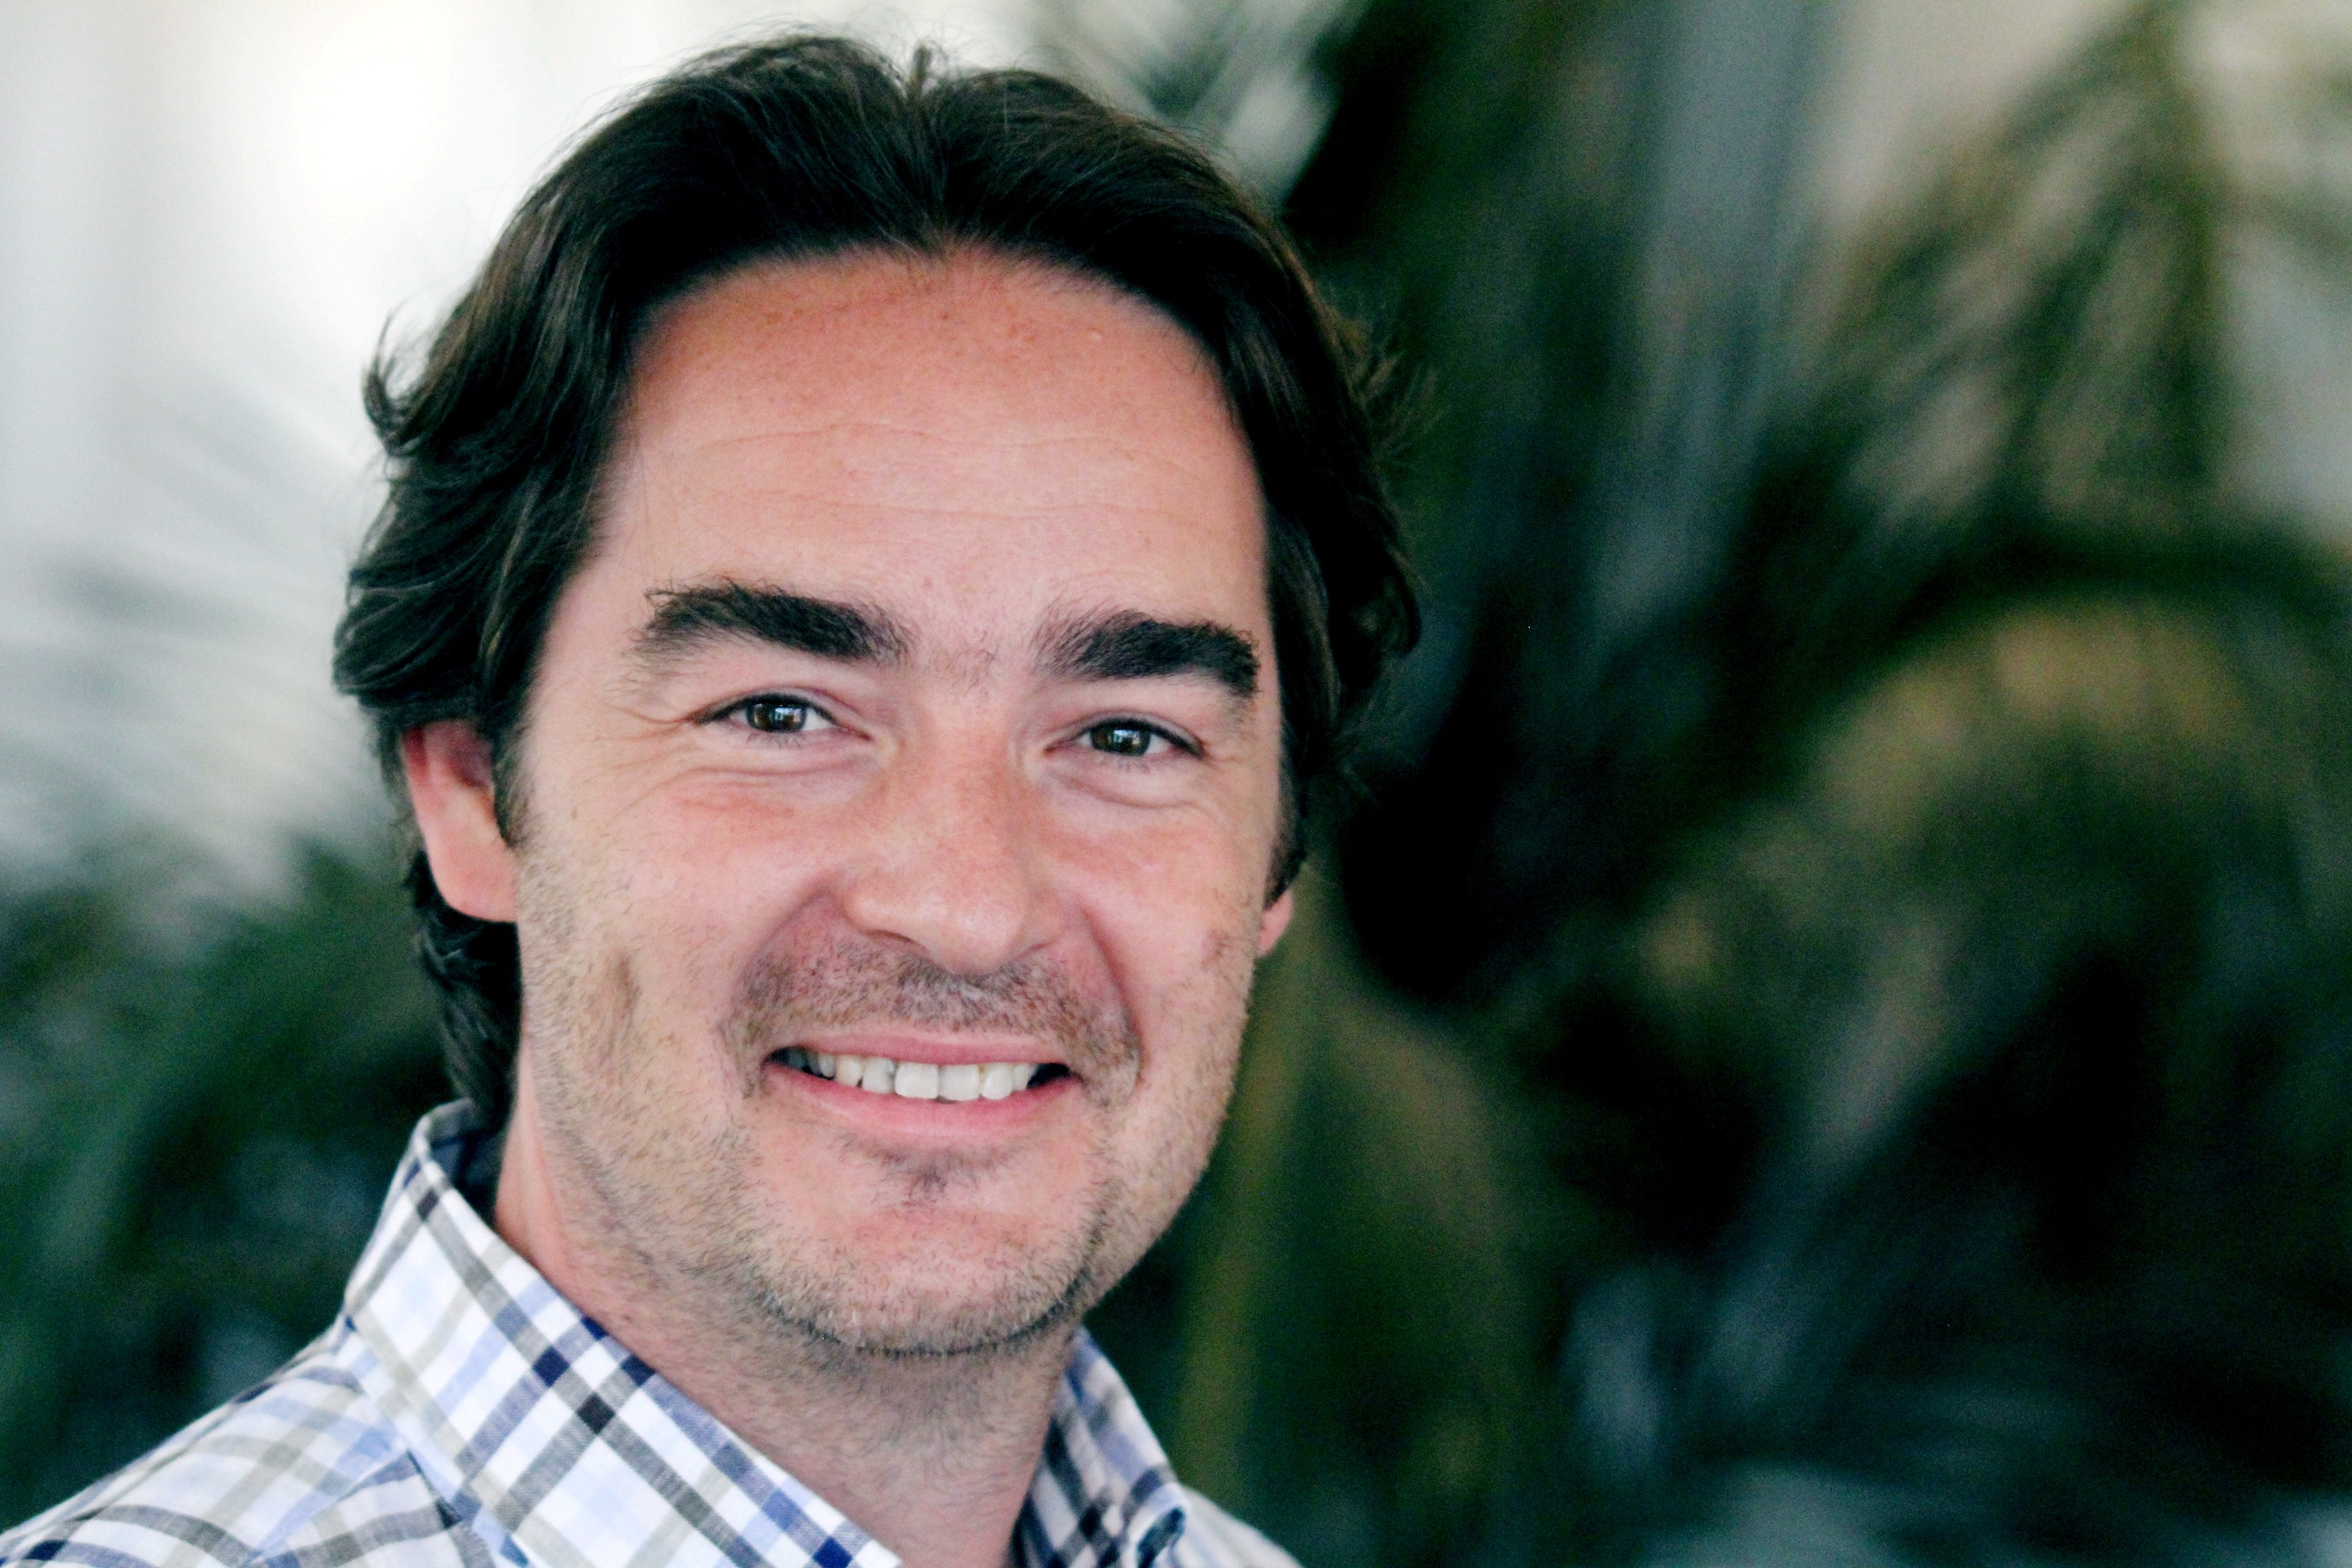 Olivier Ganiveng président du Directoire de Vacalians Group. Photo Michael Esdourrubailh.